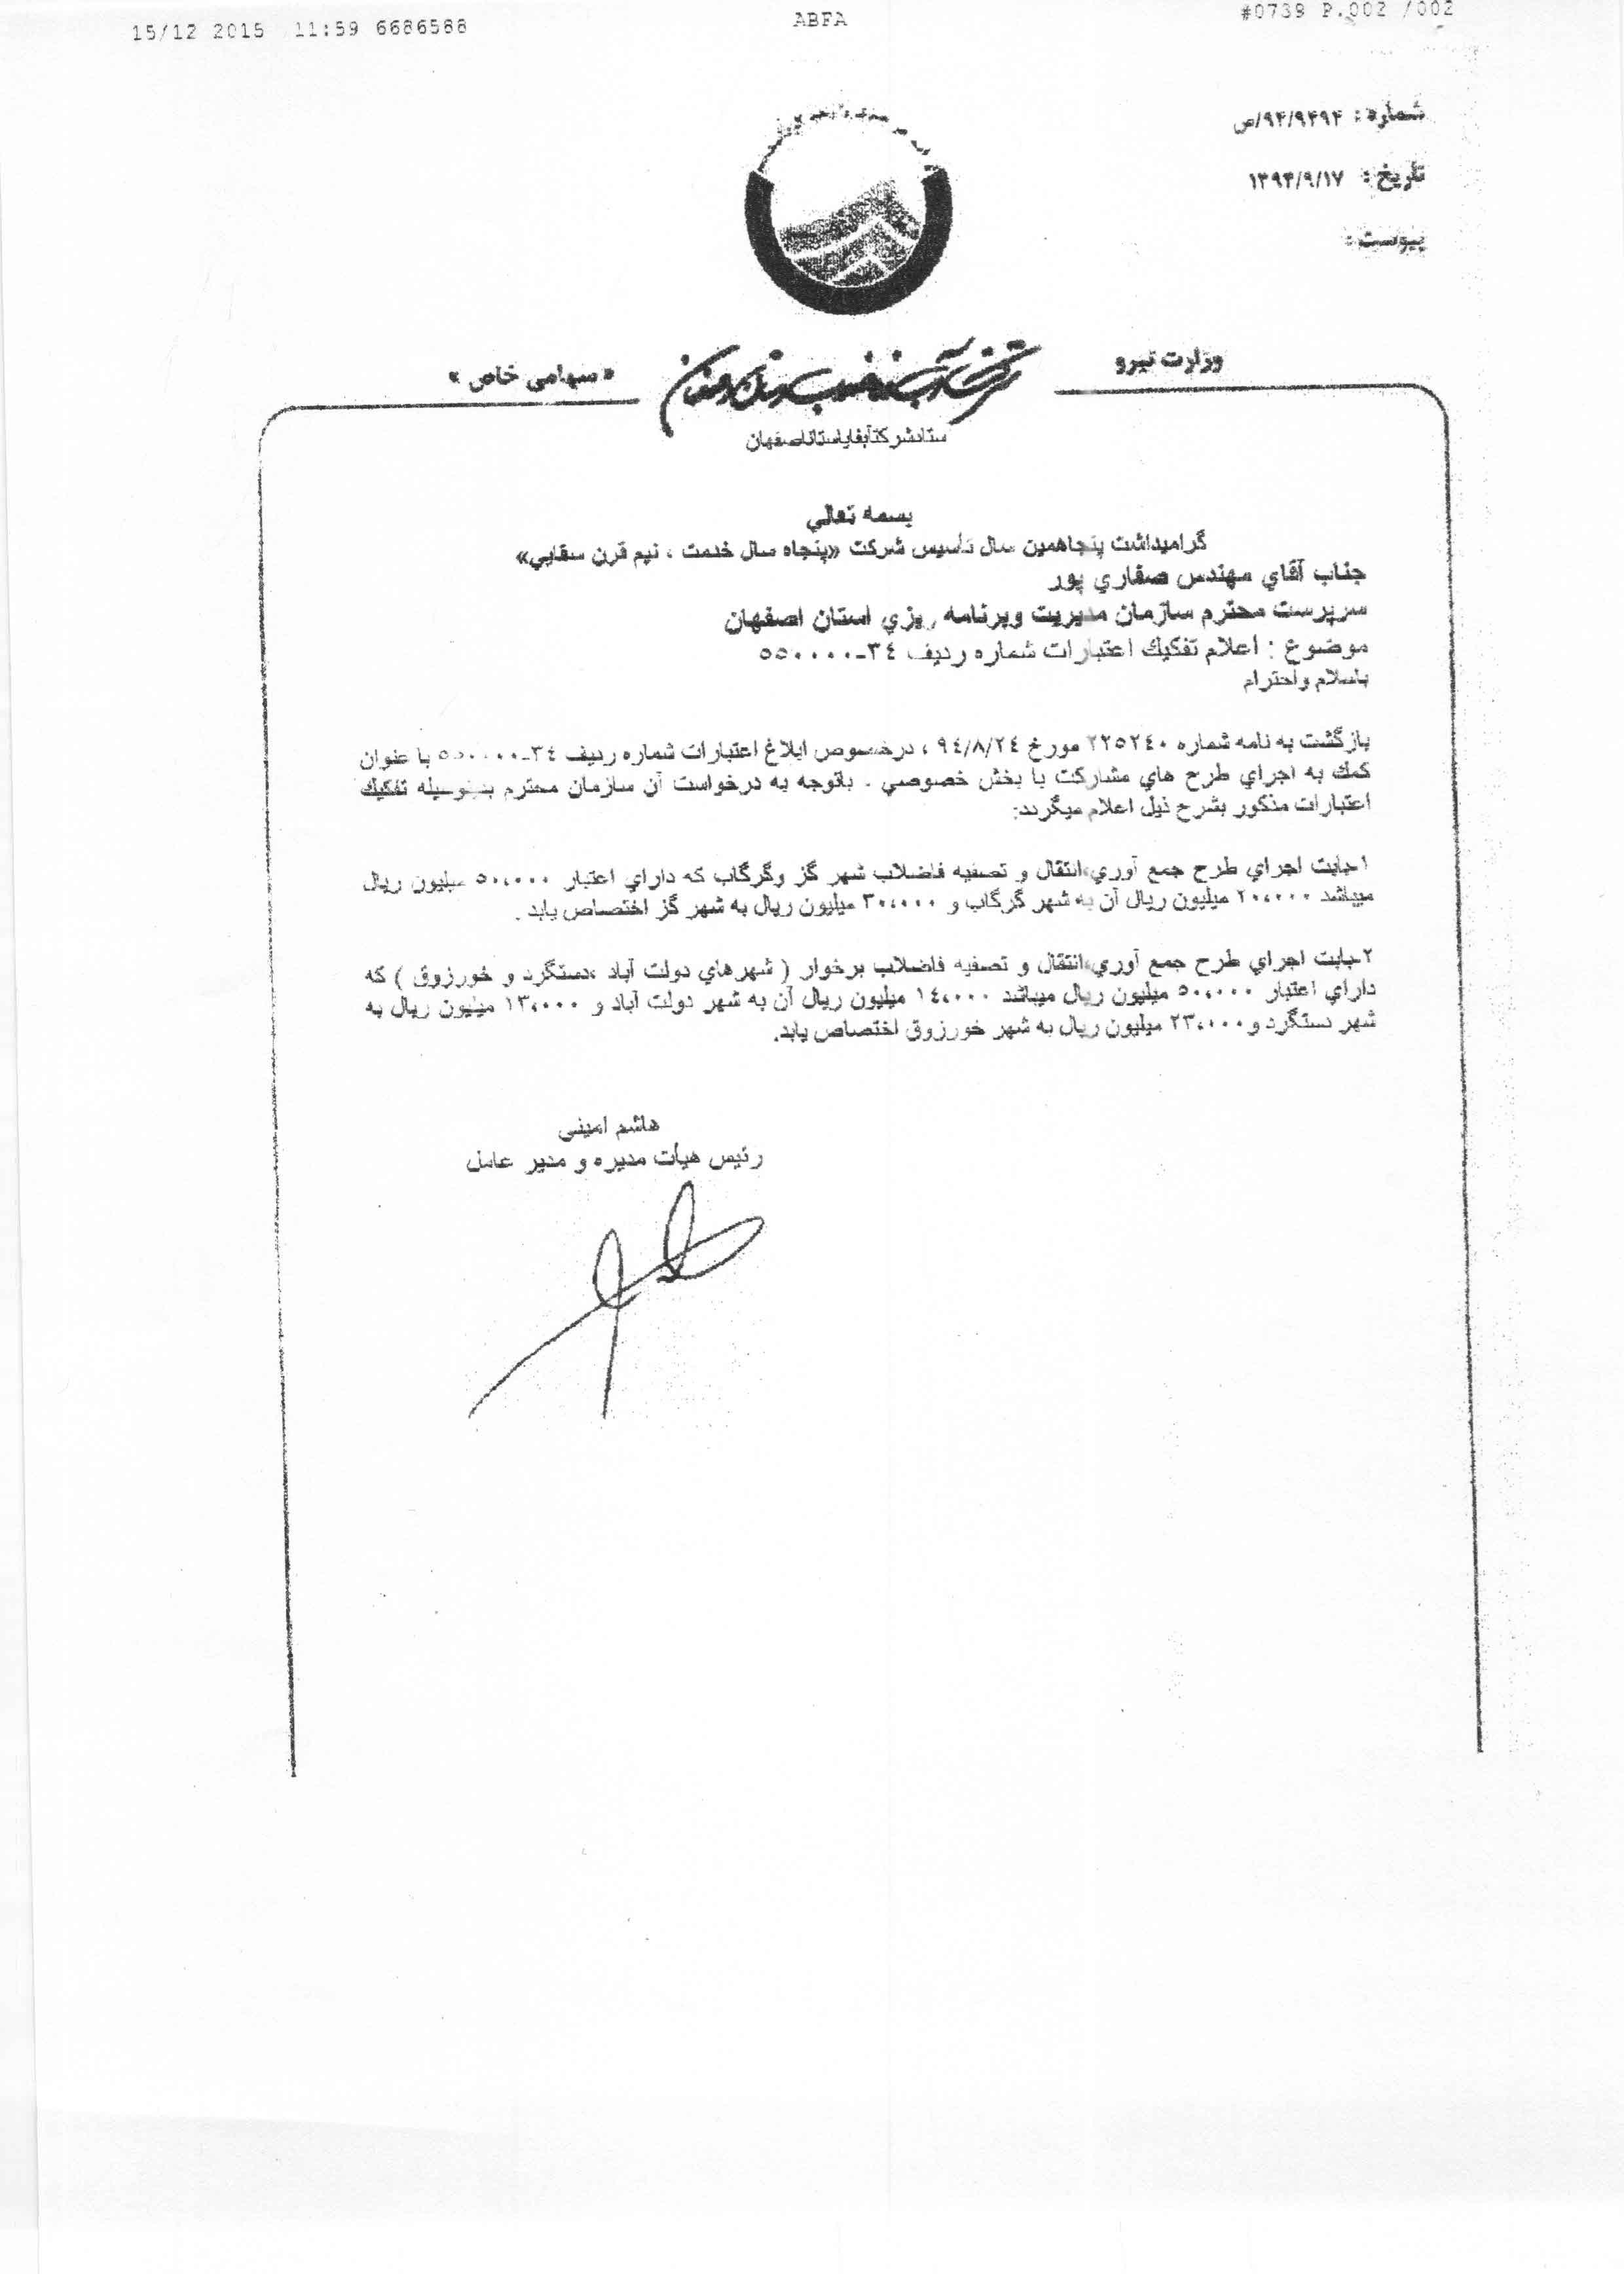 گامی بزرگ درتکمیل شبکه جمع آوری فاضلاب:  ۱۰۰میلیارد ریال اعتبار دستور گرفته شده توسط آقای حاجی، به اصفهان رسید